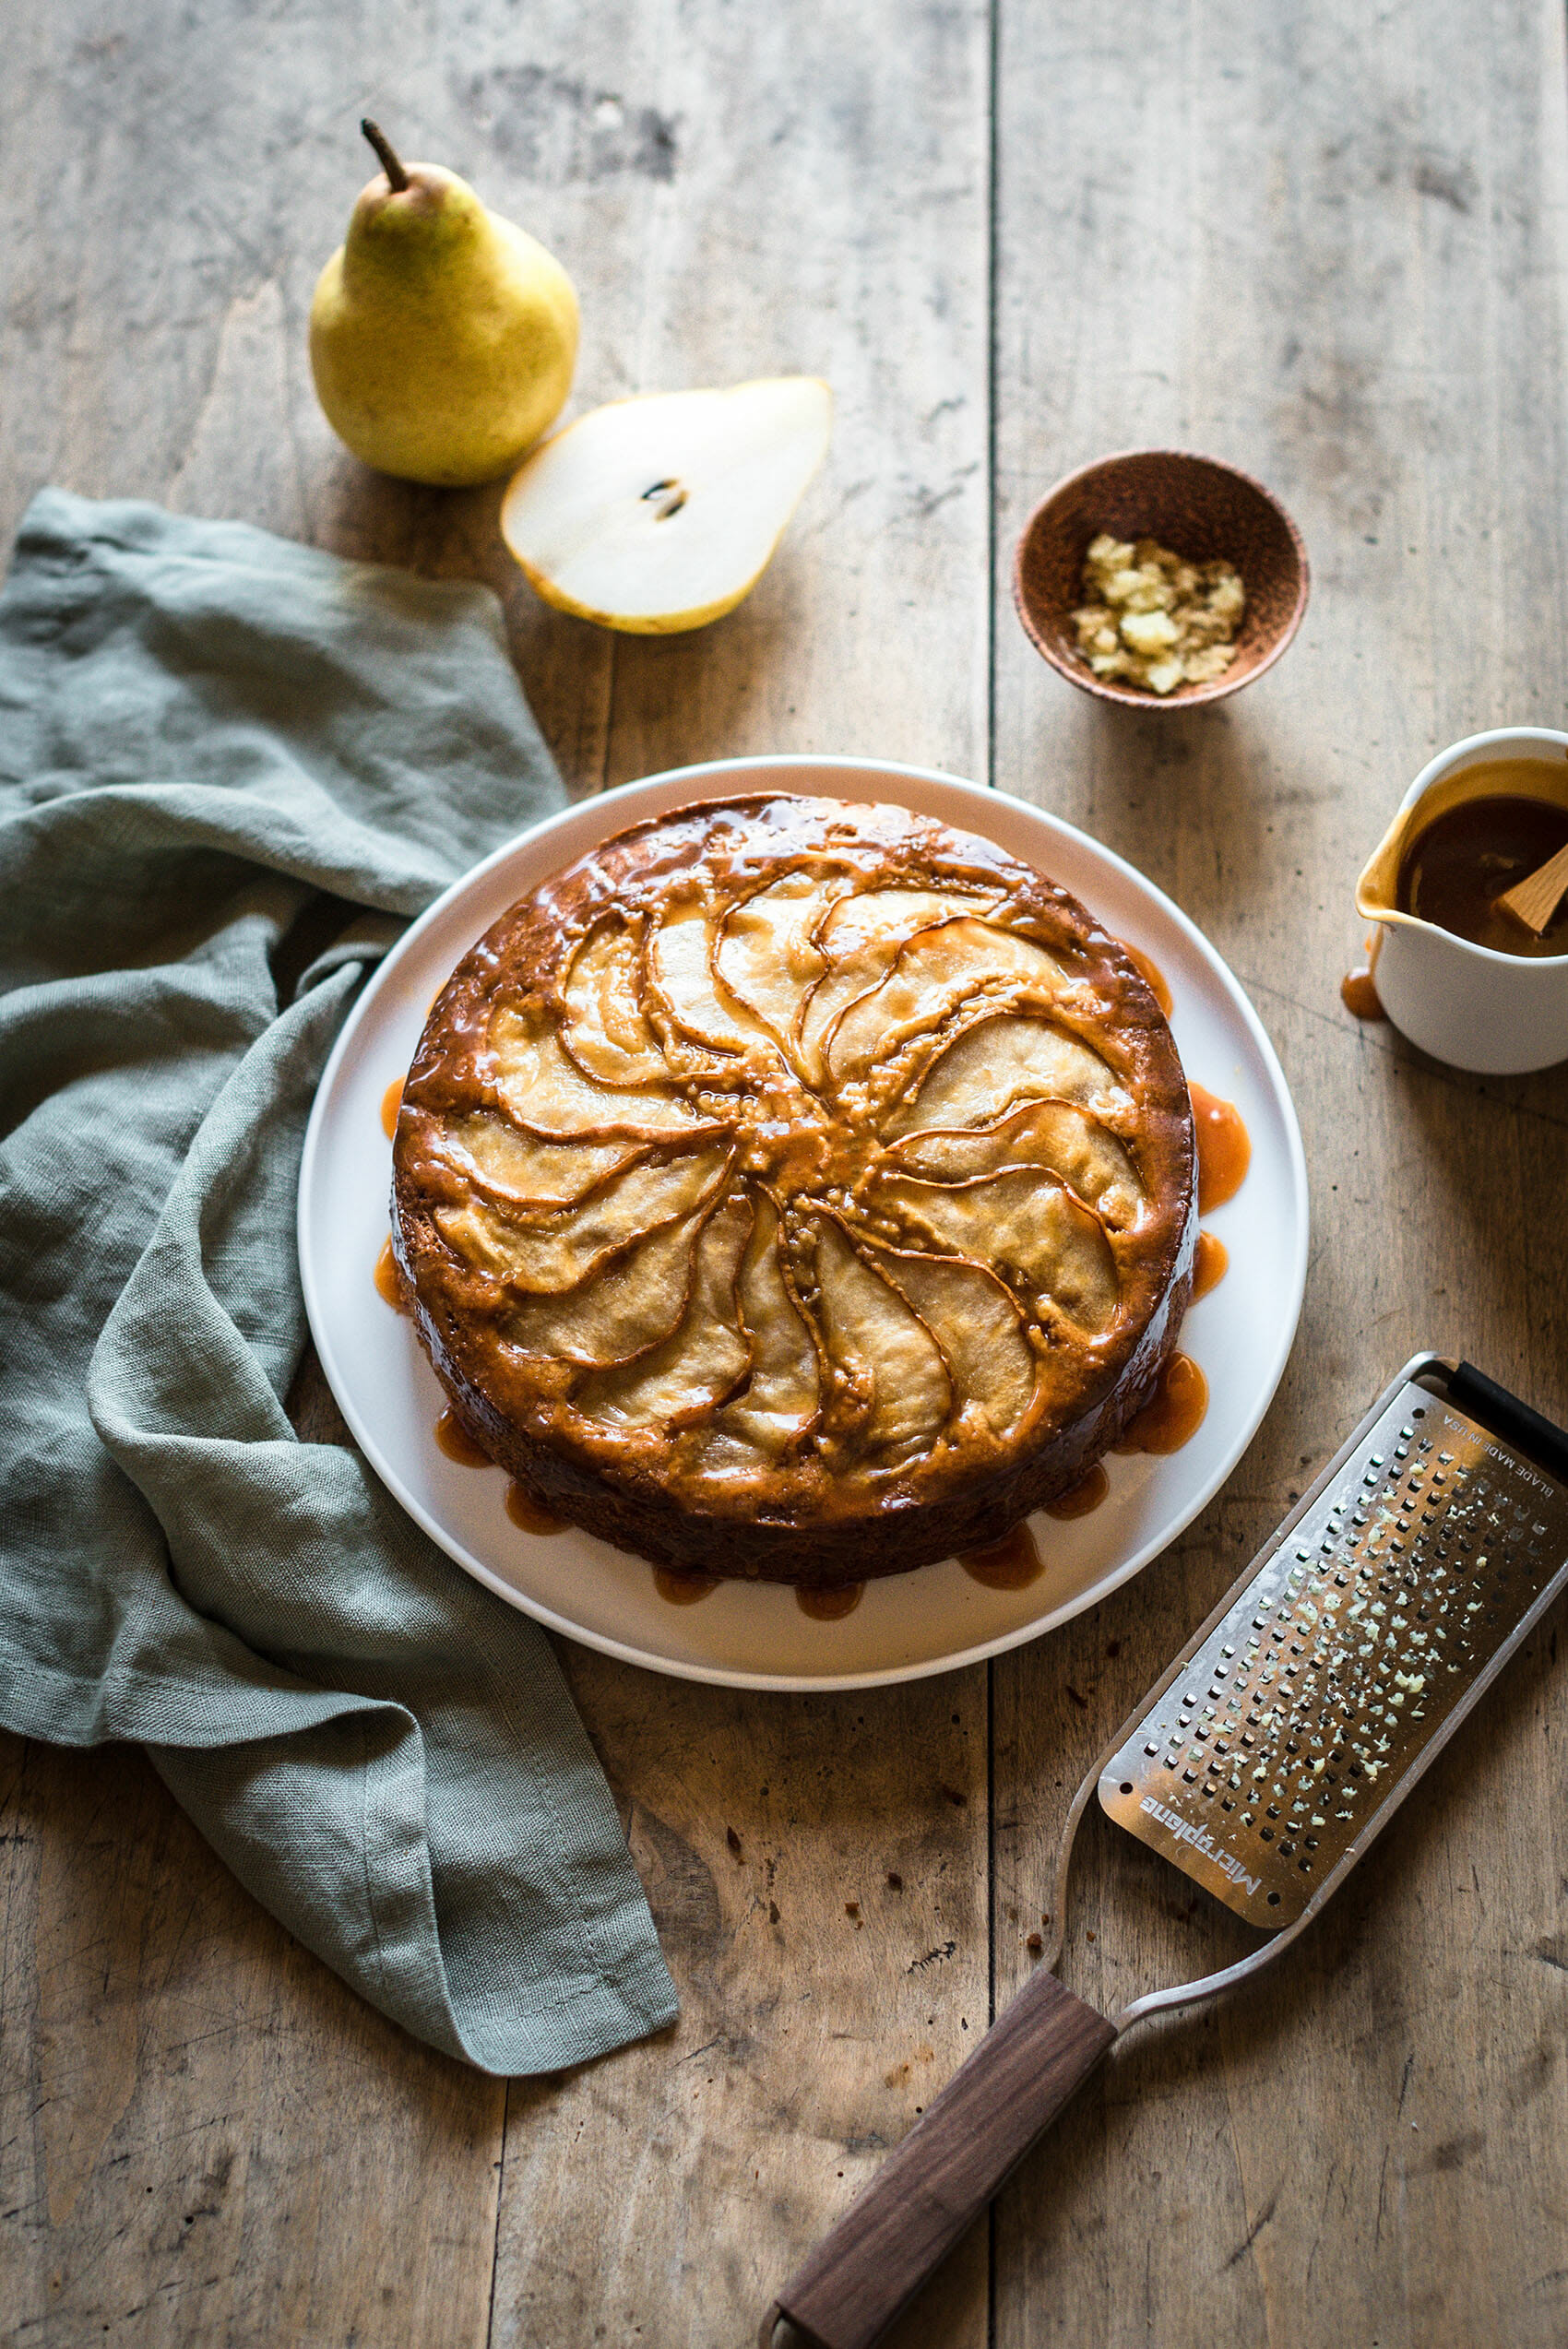 Gâteau poire-gingembre sauce caramel - Lilie Bakery